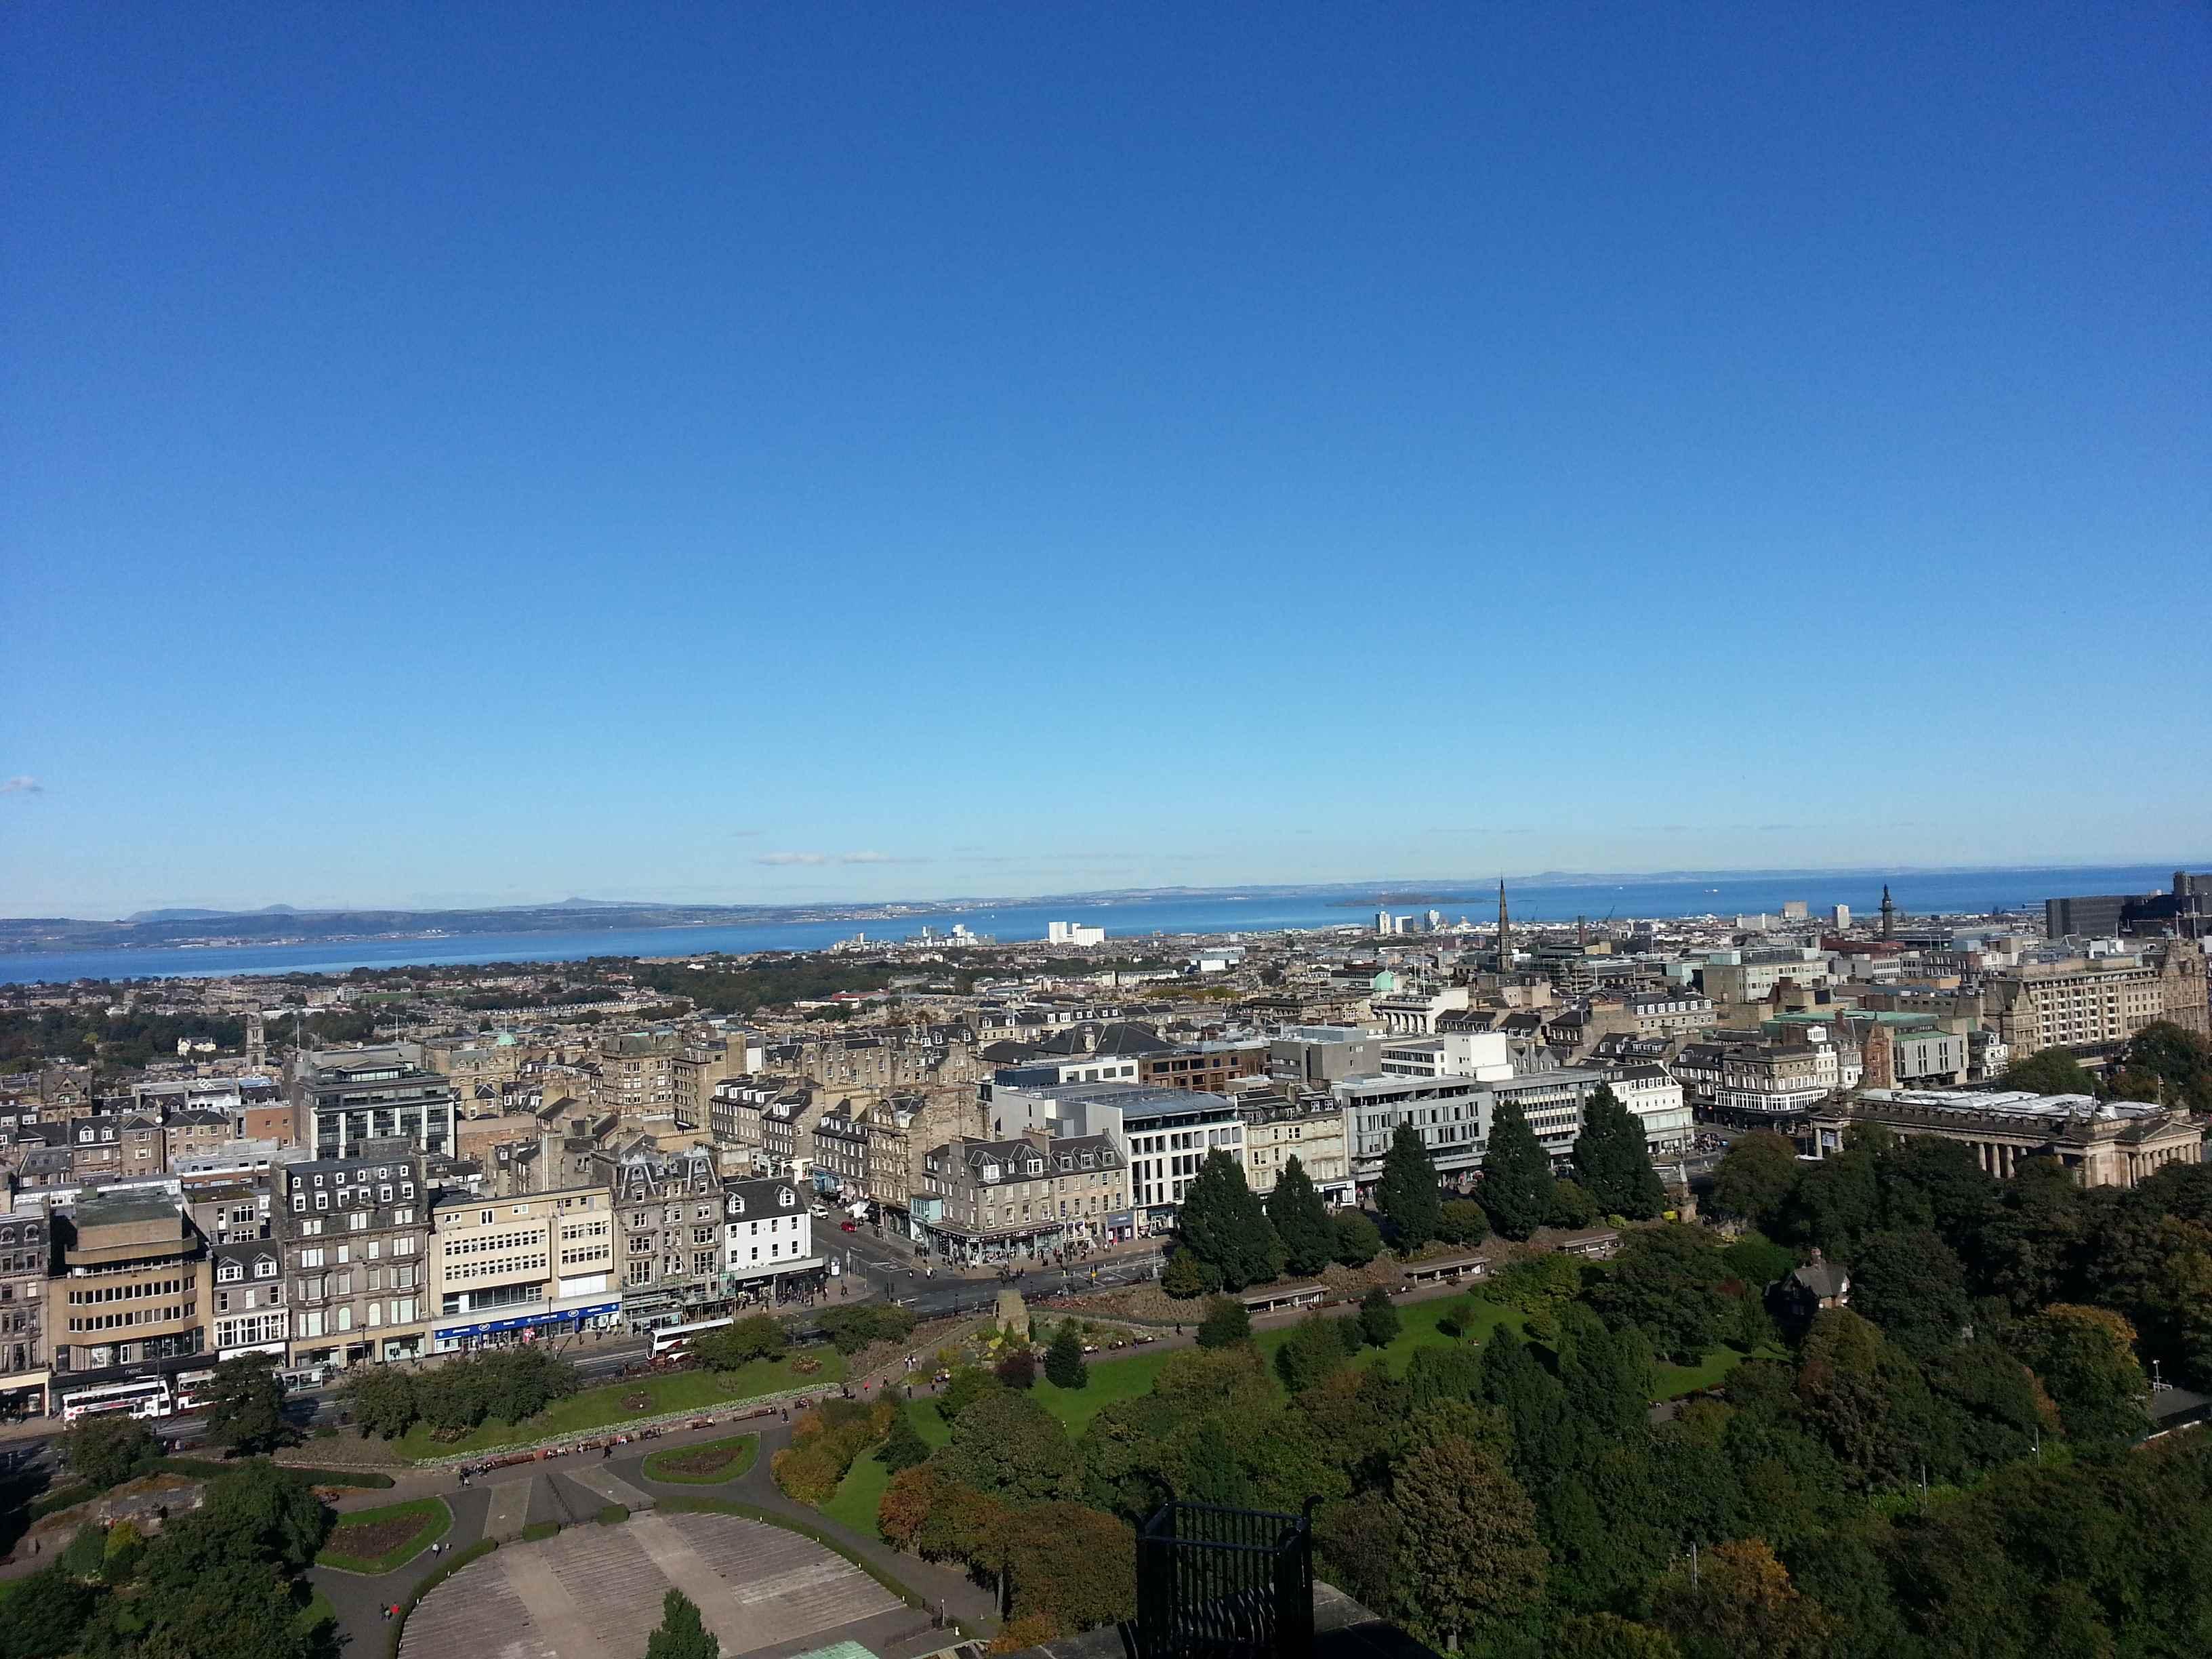 Edinburgh vom Edinburgh Castle aus gesehen